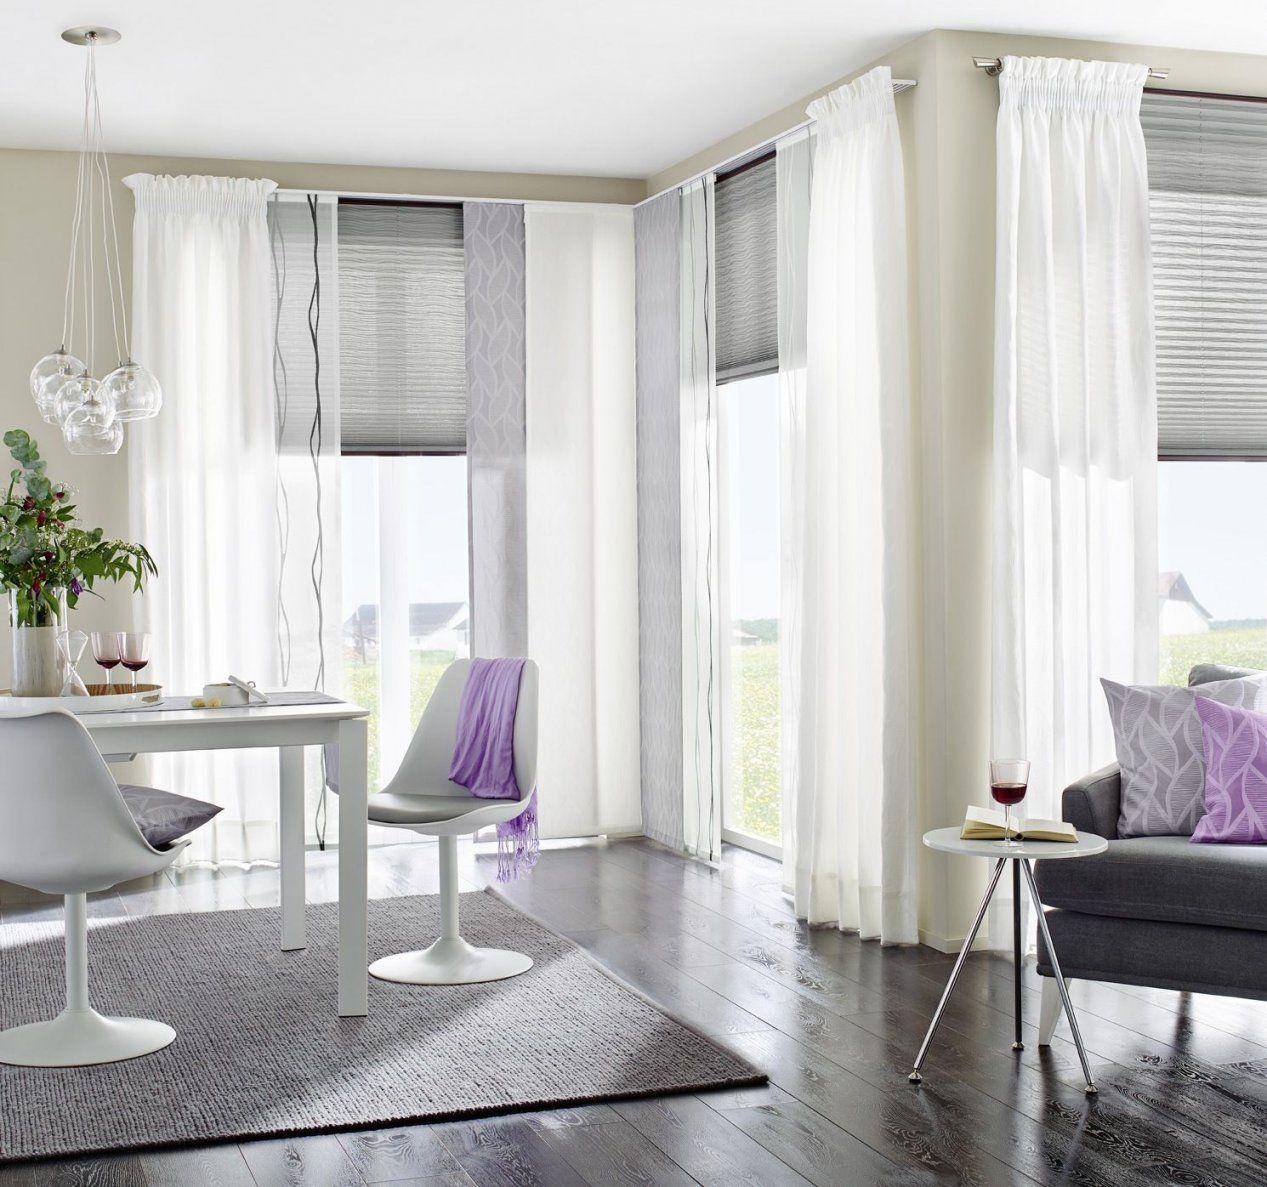 Fenster Naval Gardinen Dekostoffe Vorhang Wohnstoffeplissees von Terrasse Fenster Gardinen Photo